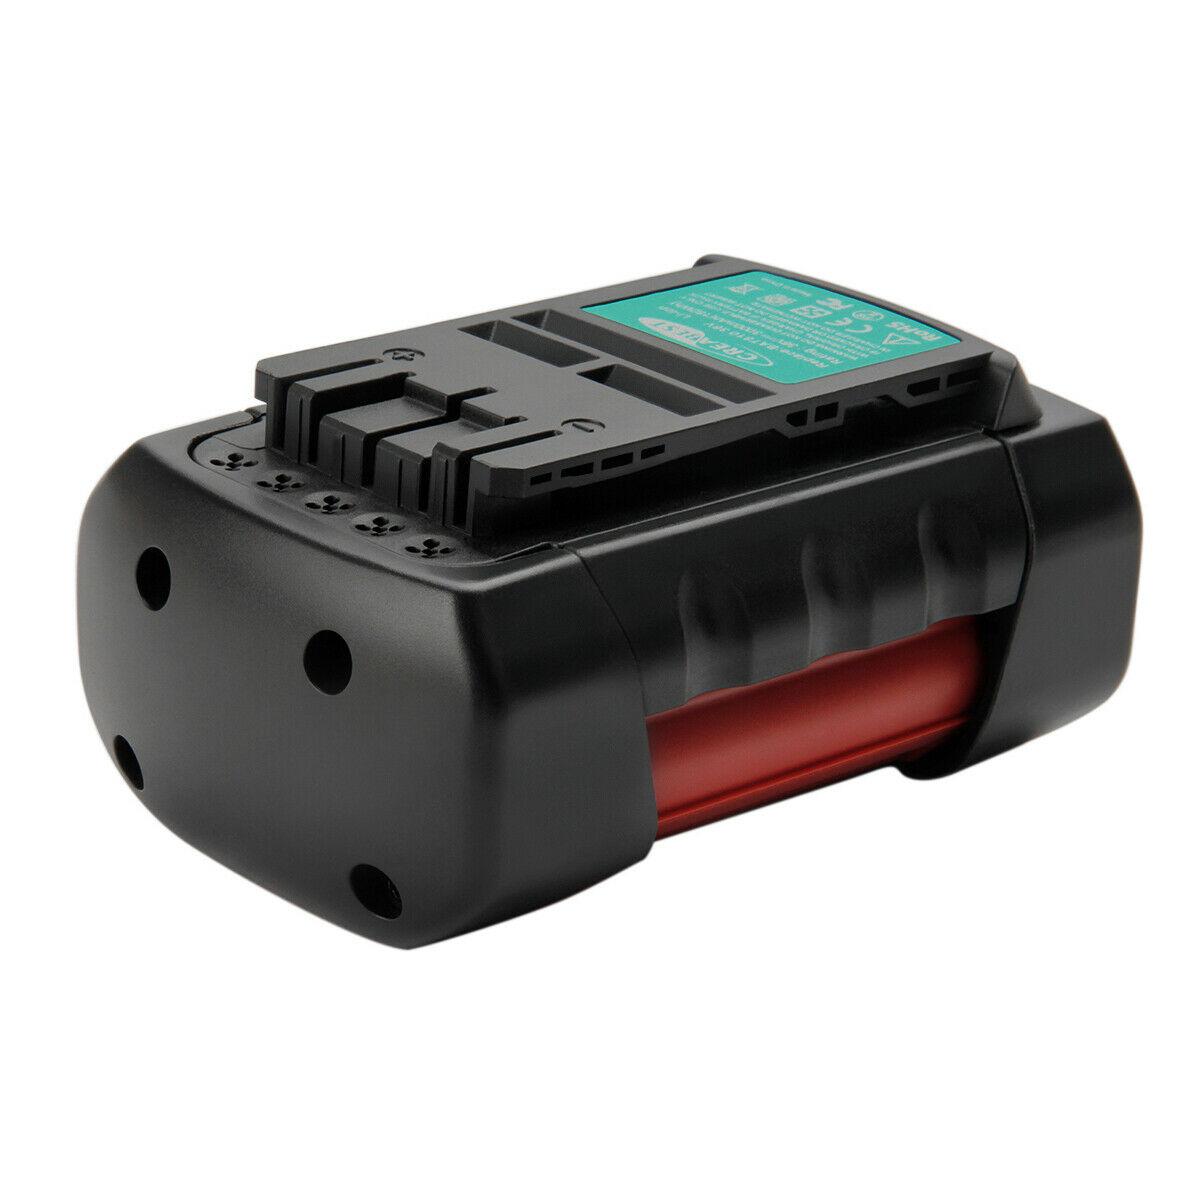 36V 4.0Ah Li-ion Bosch Heavy duty BAT836,BAT84,BAT810,GSR 36 V-Li kompatybilny bateria